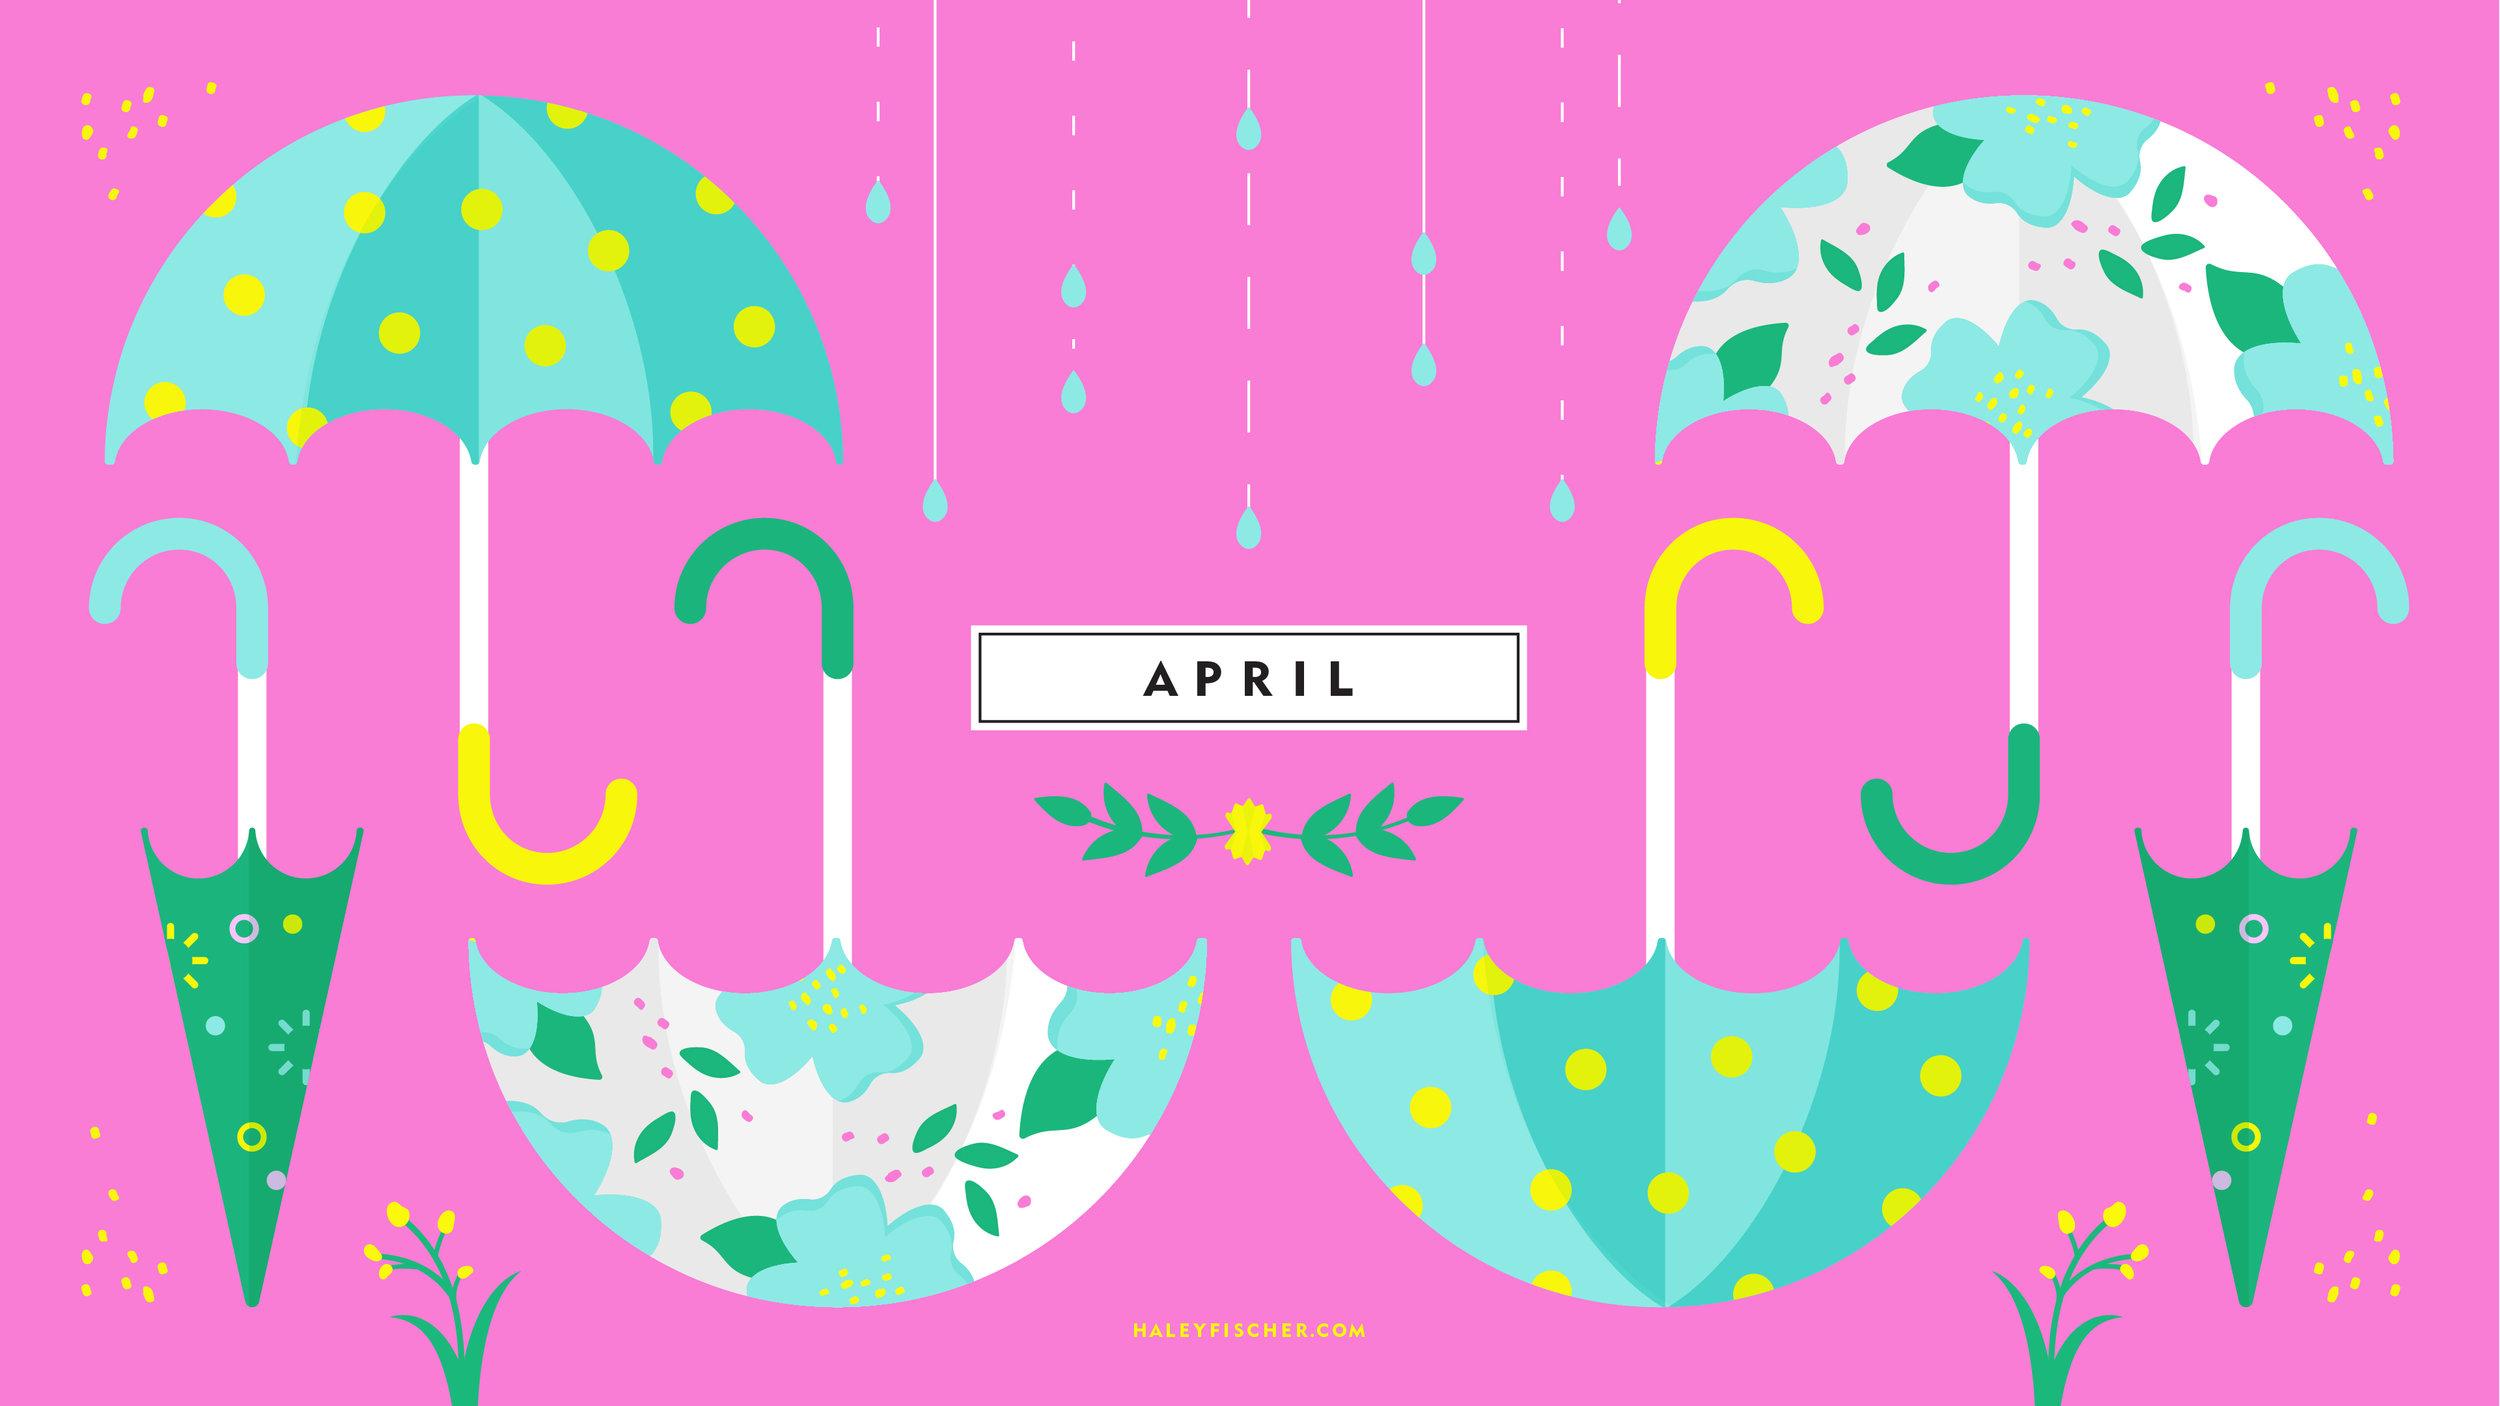 Download April Wallpaper Here